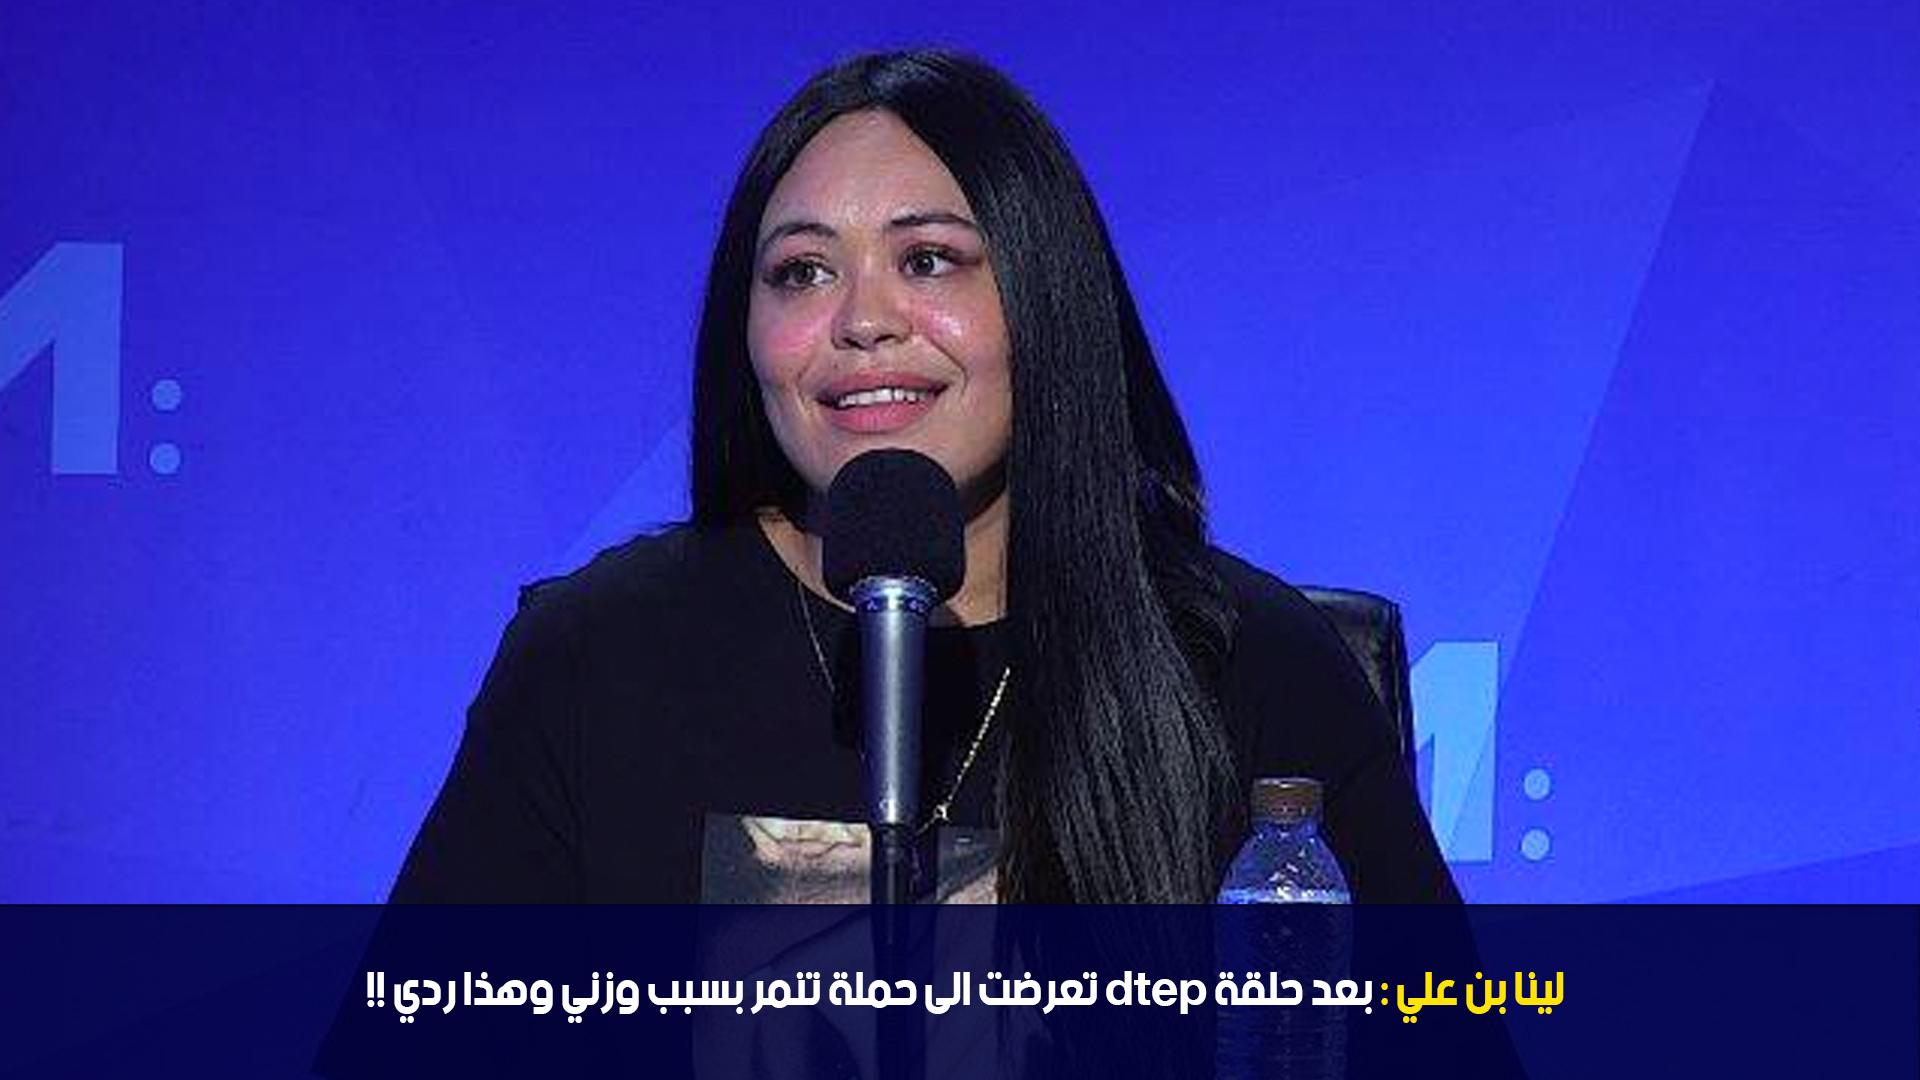 لينا بن علي : بعد حلقة dtep تعرضت الى حملة تنمر بسبب وزني وهذا ردي !!